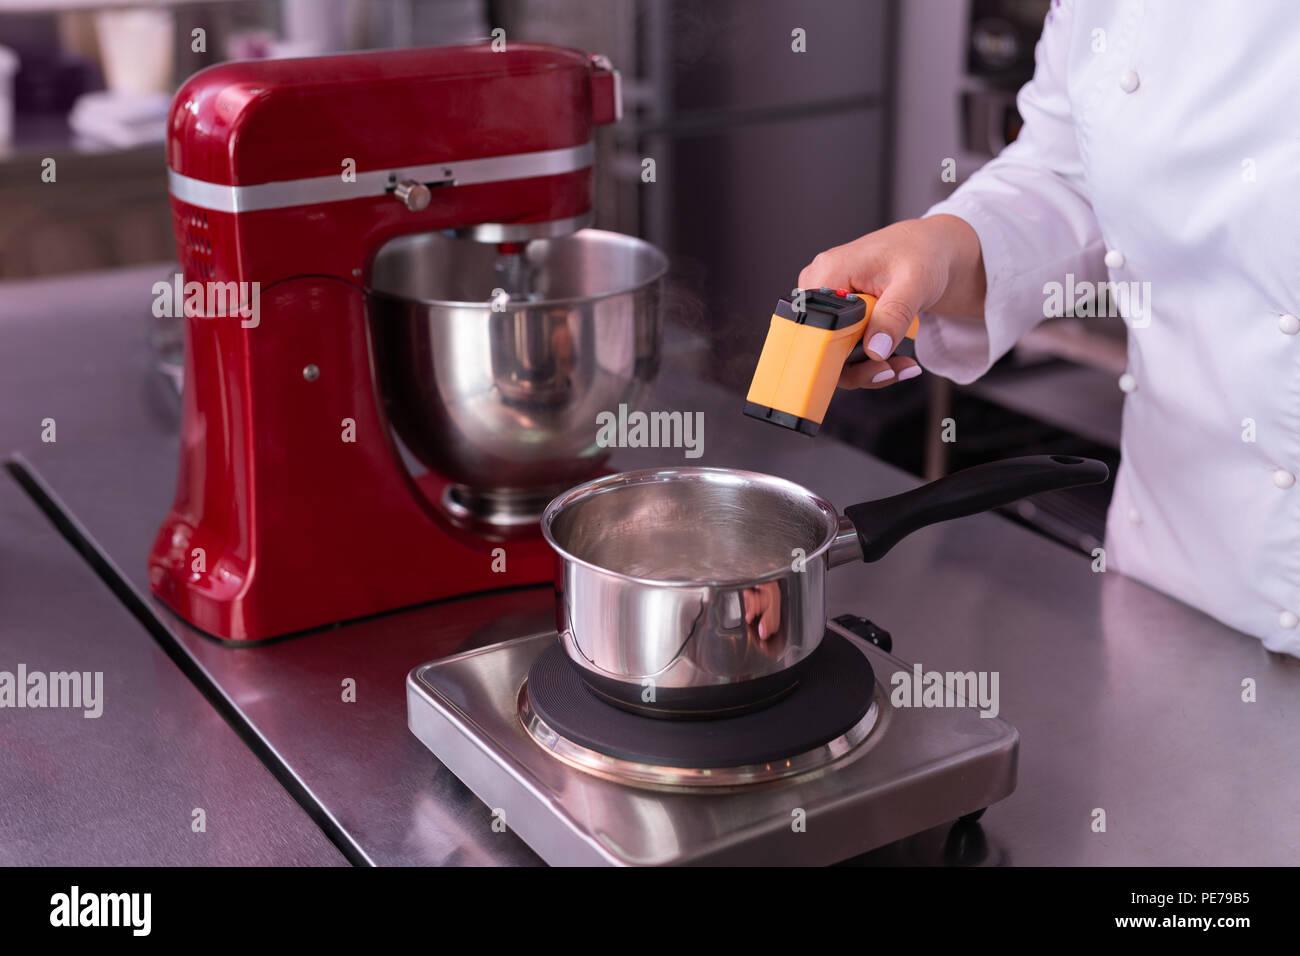 Le boulanger mesure de la température de l'eau dessert cuisine Photo Stock